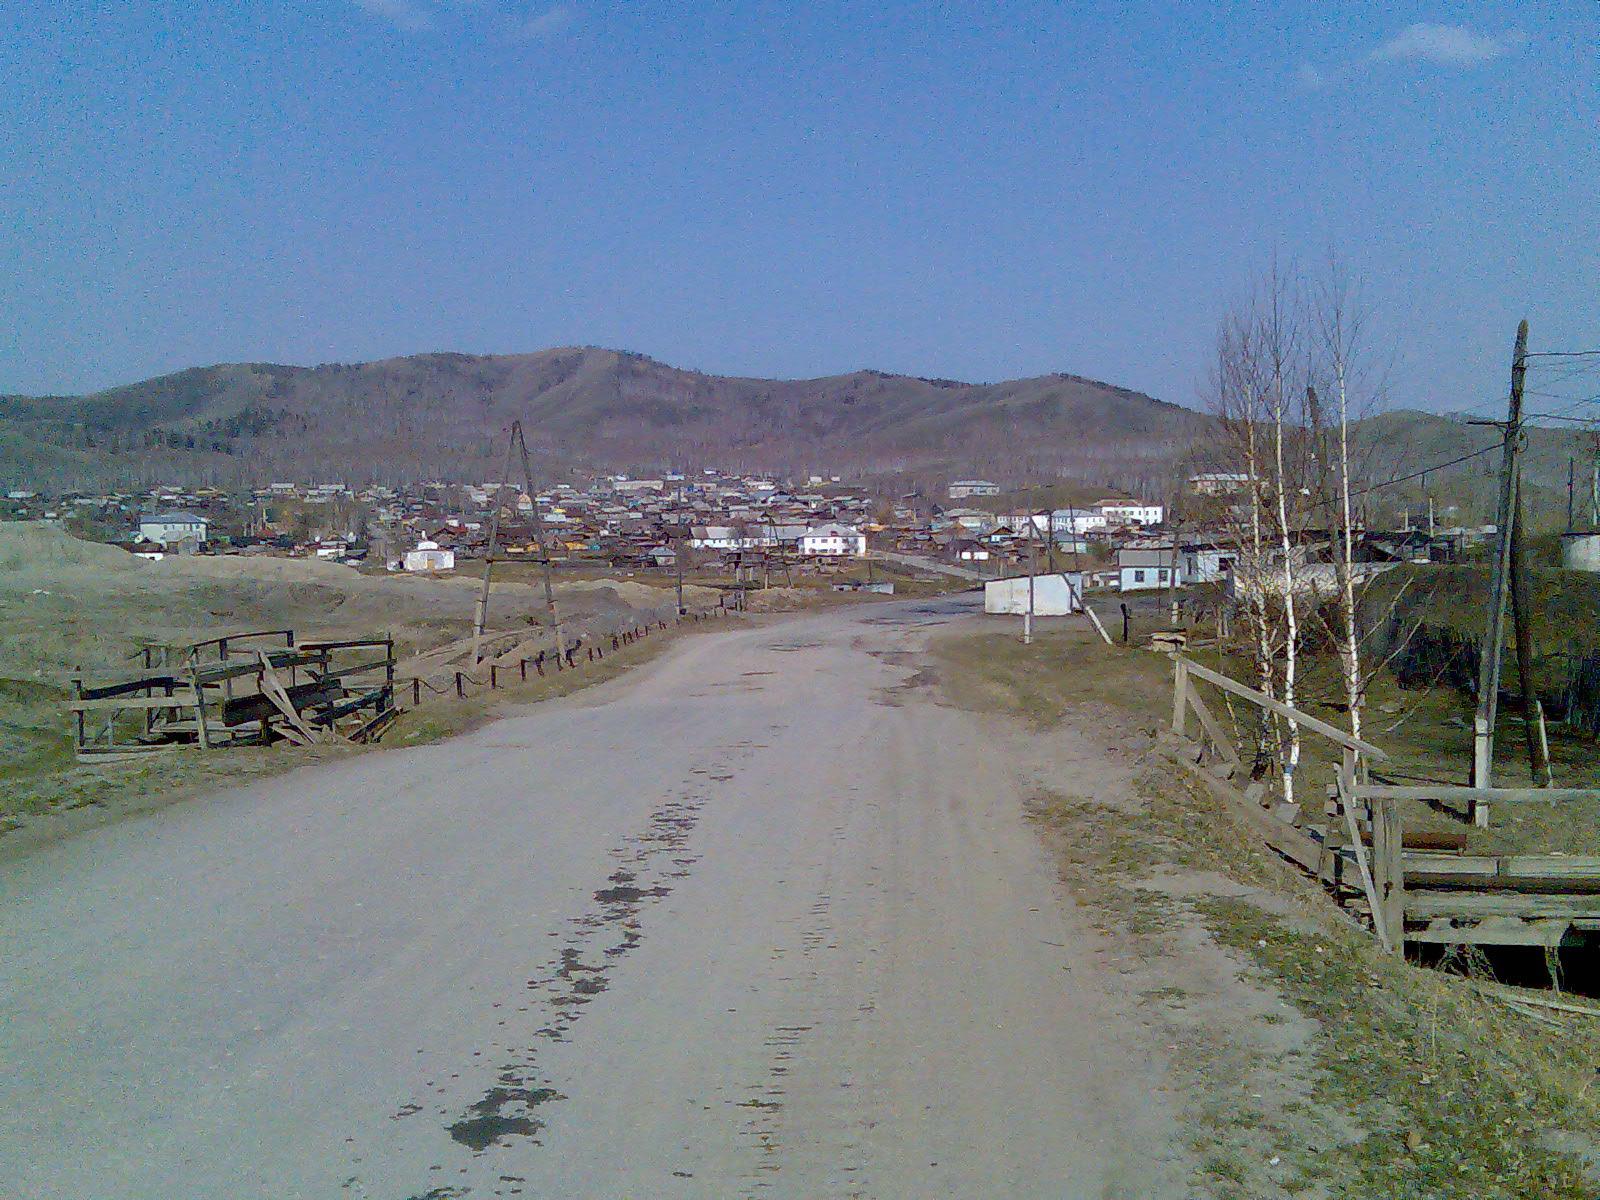 село миндяк фото что кроличьи сычи